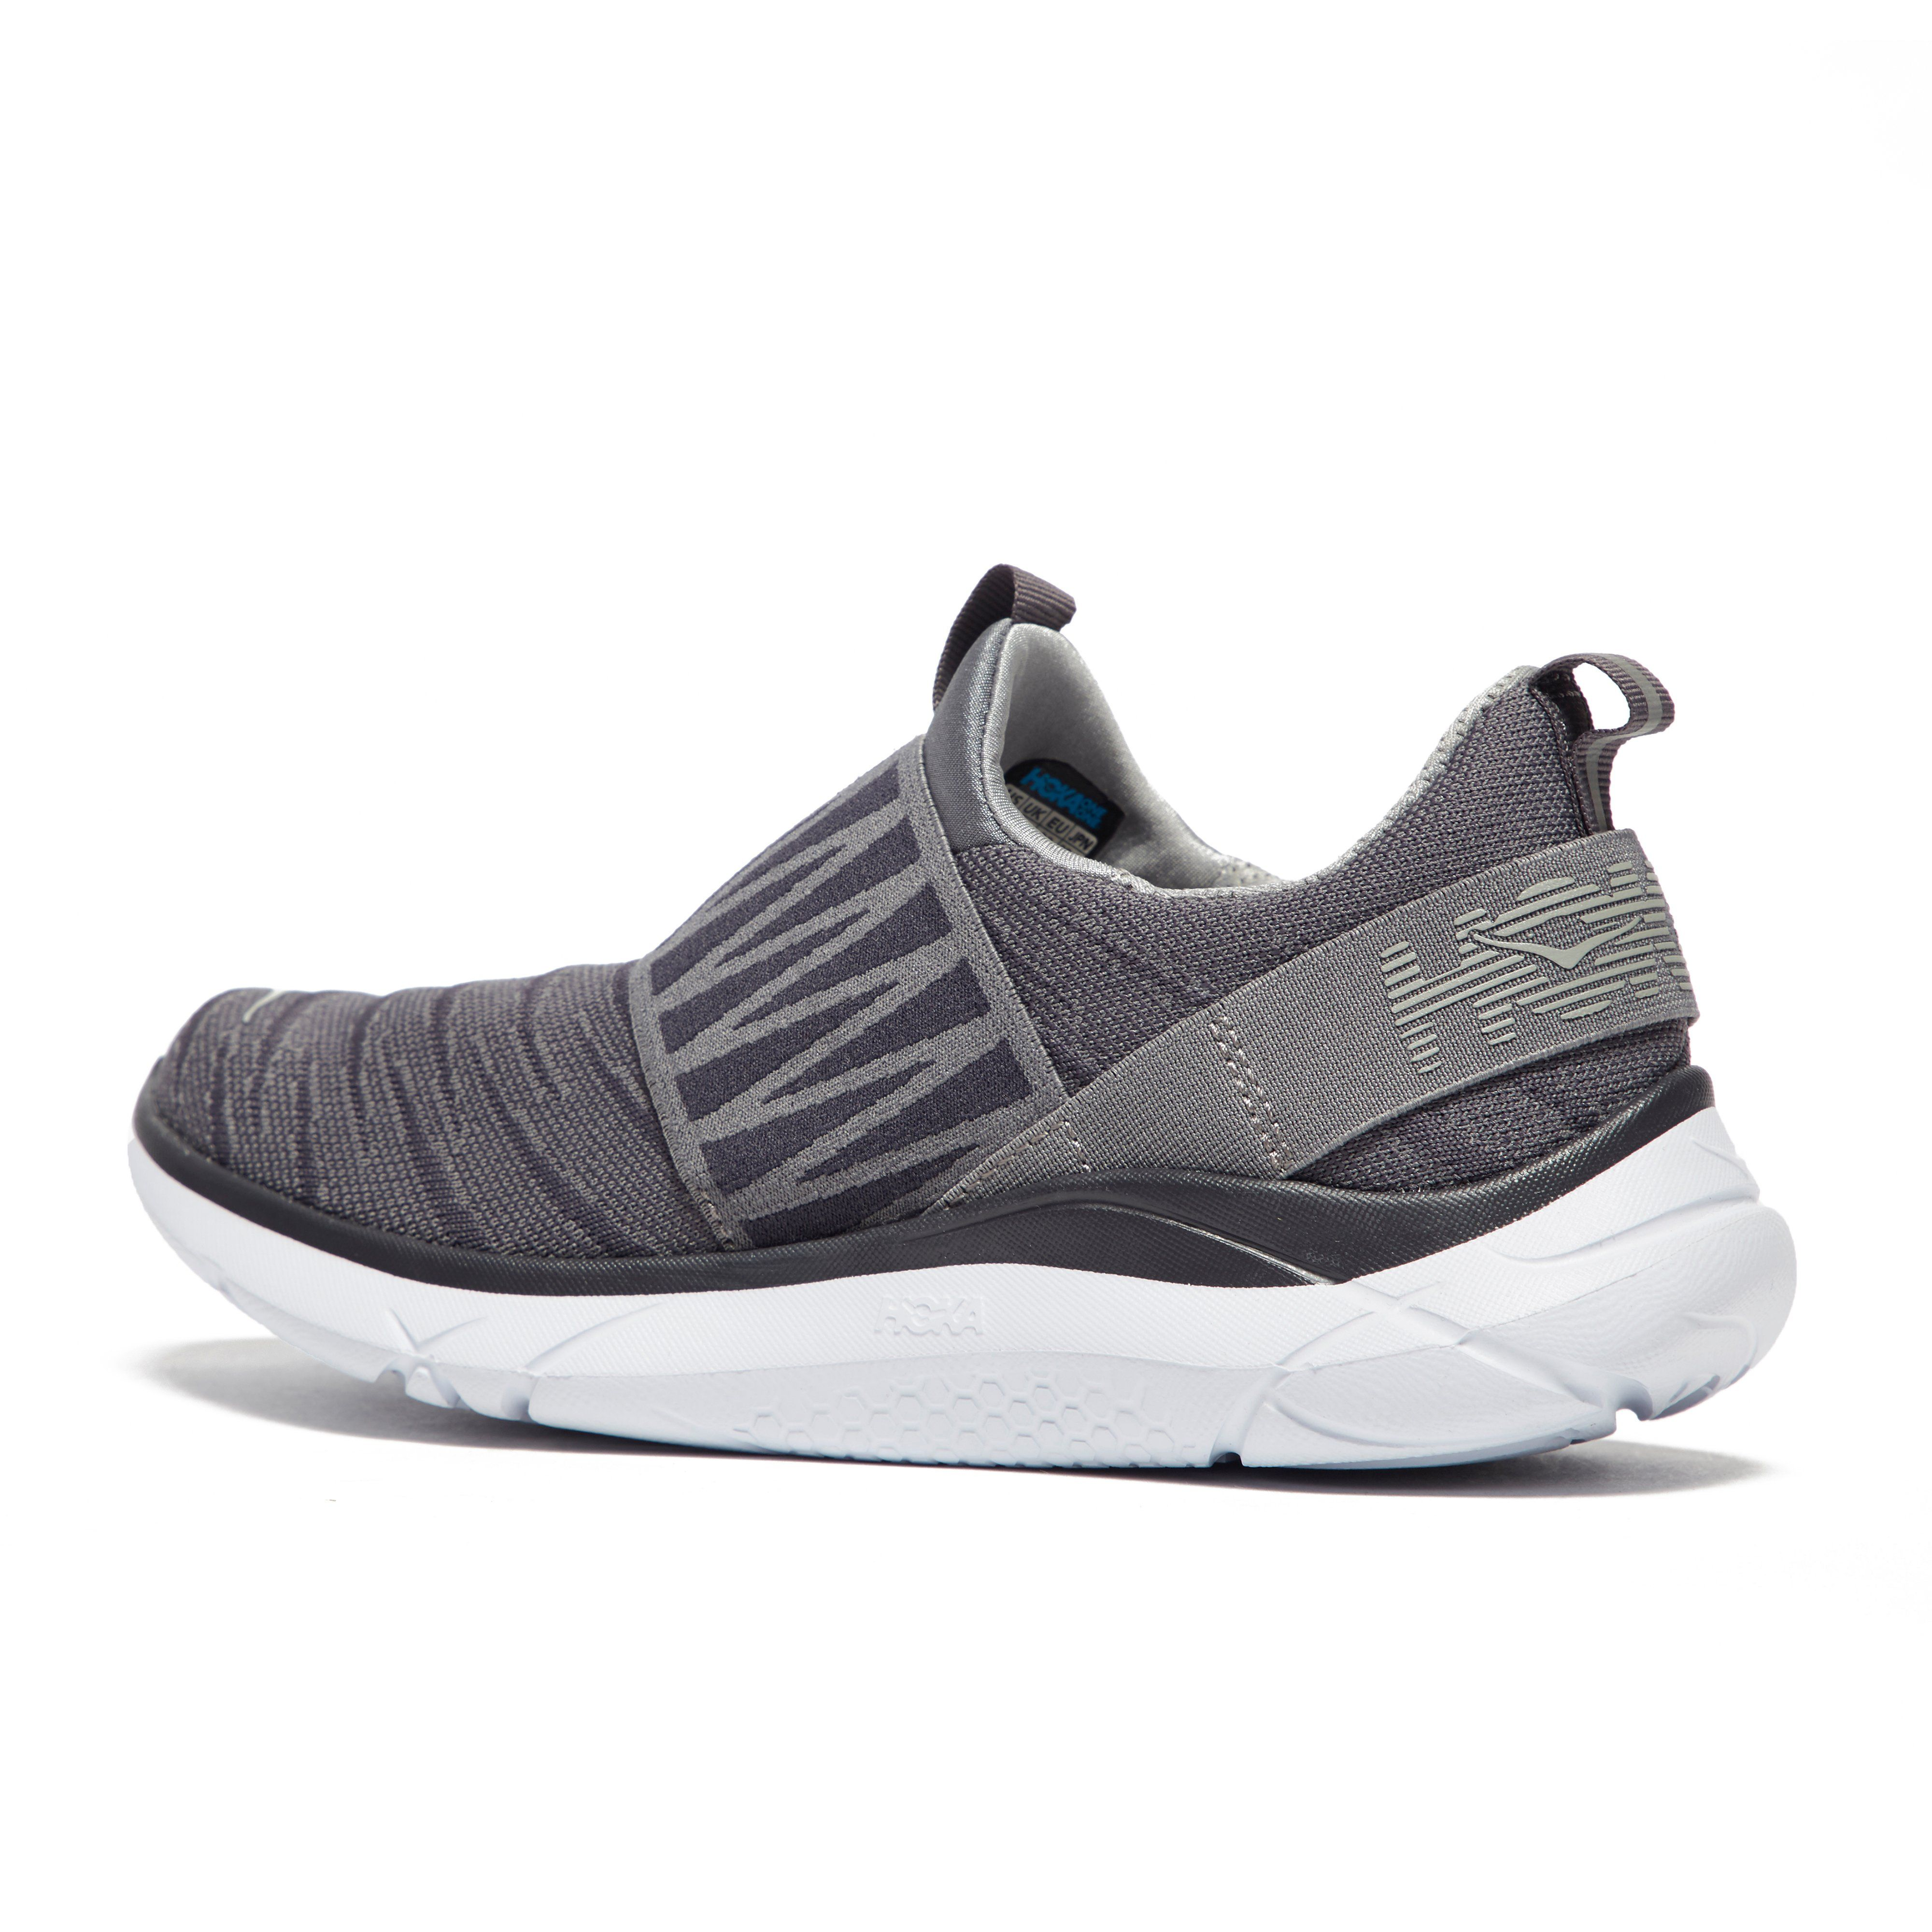 Hoka One One Hupana Slip Women's Running Shoes